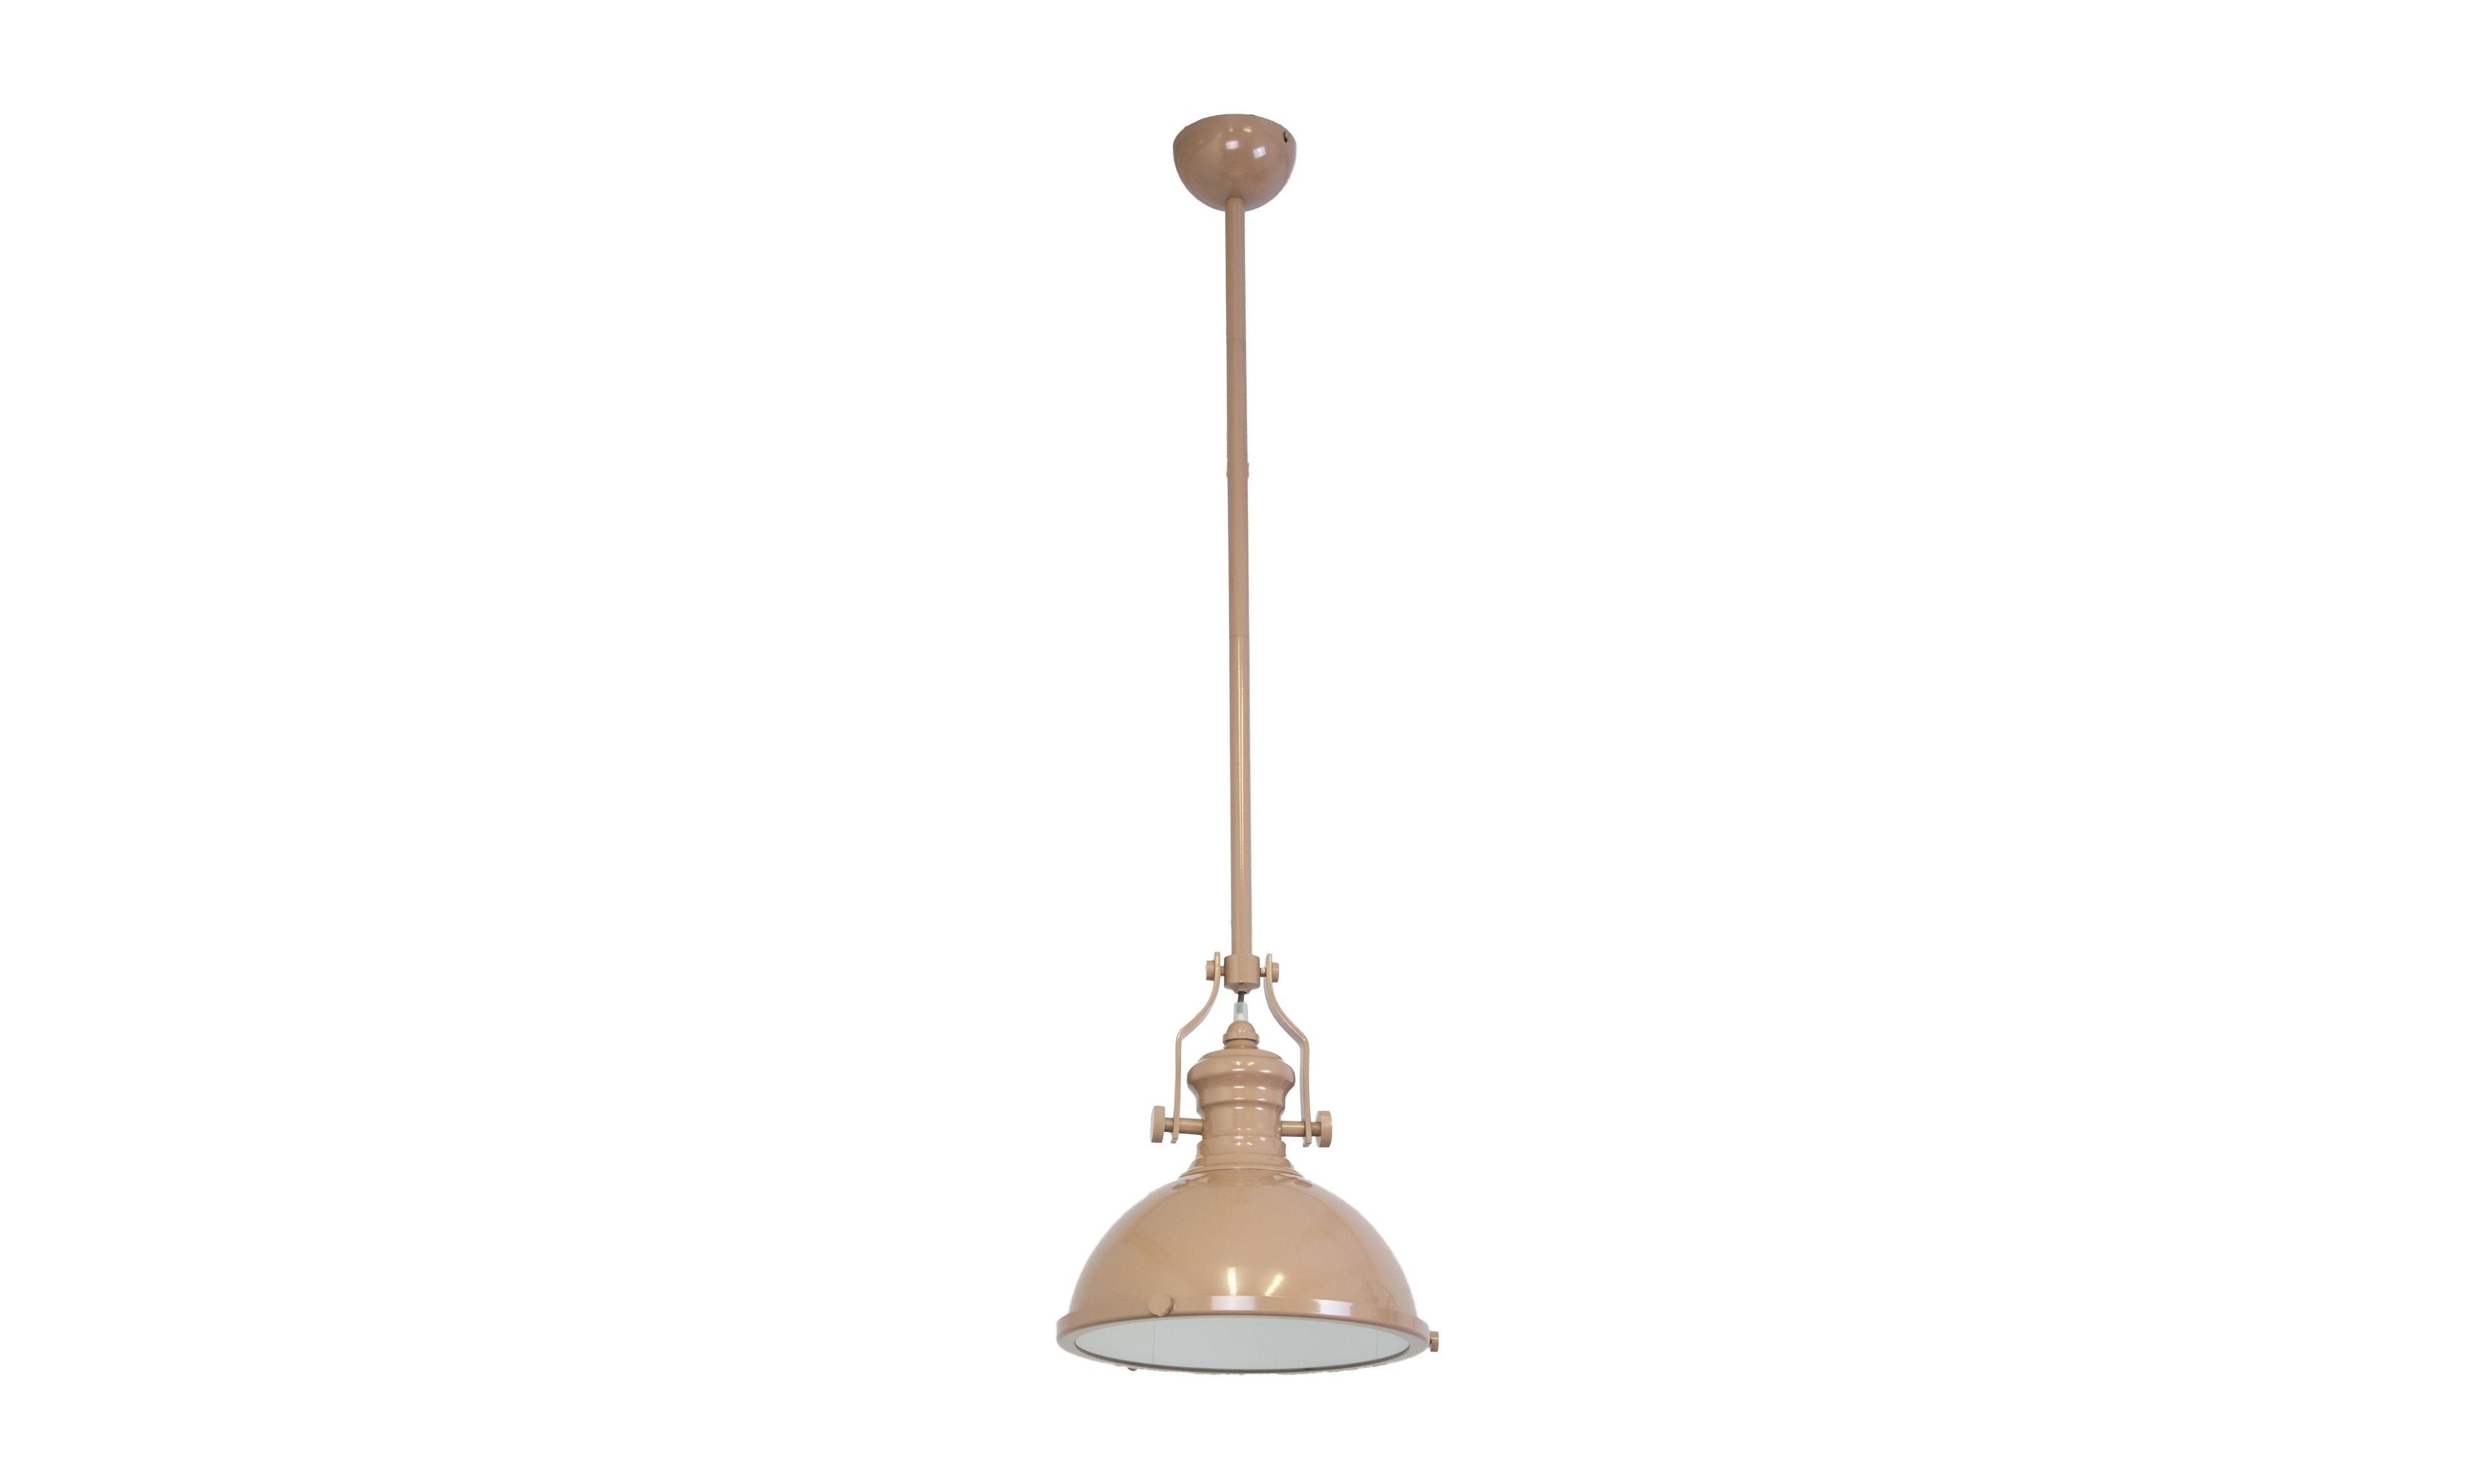 Подвесной светильник MenaПодвесные светильники<br>Подвесная люстра, в которой органично сочетается незамысловатый декор и оригинальное исполнение. Люстра смотрится легко, стильно, дарит яркий свет. Довольно длинный подвес позволяет использовать эту люстру в помещениях с нестандартной высотой потолков.&amp;lt;div&amp;gt;&amp;lt;br&amp;gt;&amp;lt;/div&amp;gt;&amp;lt;div&amp;gt;&amp;lt;div&amp;gt;Количество ламп: 1.&amp;lt;/div&amp;gt;&amp;lt;div&amp;gt;Тип цоколя: Е27.&amp;lt;/div&amp;gt;&amp;lt;/div&amp;gt;&amp;lt;div&amp;gt;Мощность: 40W.&amp;lt;br&amp;gt;&amp;lt;/div&amp;gt;<br><br>Material: Металл<br>Height см: 94<br>Diameter см: 31